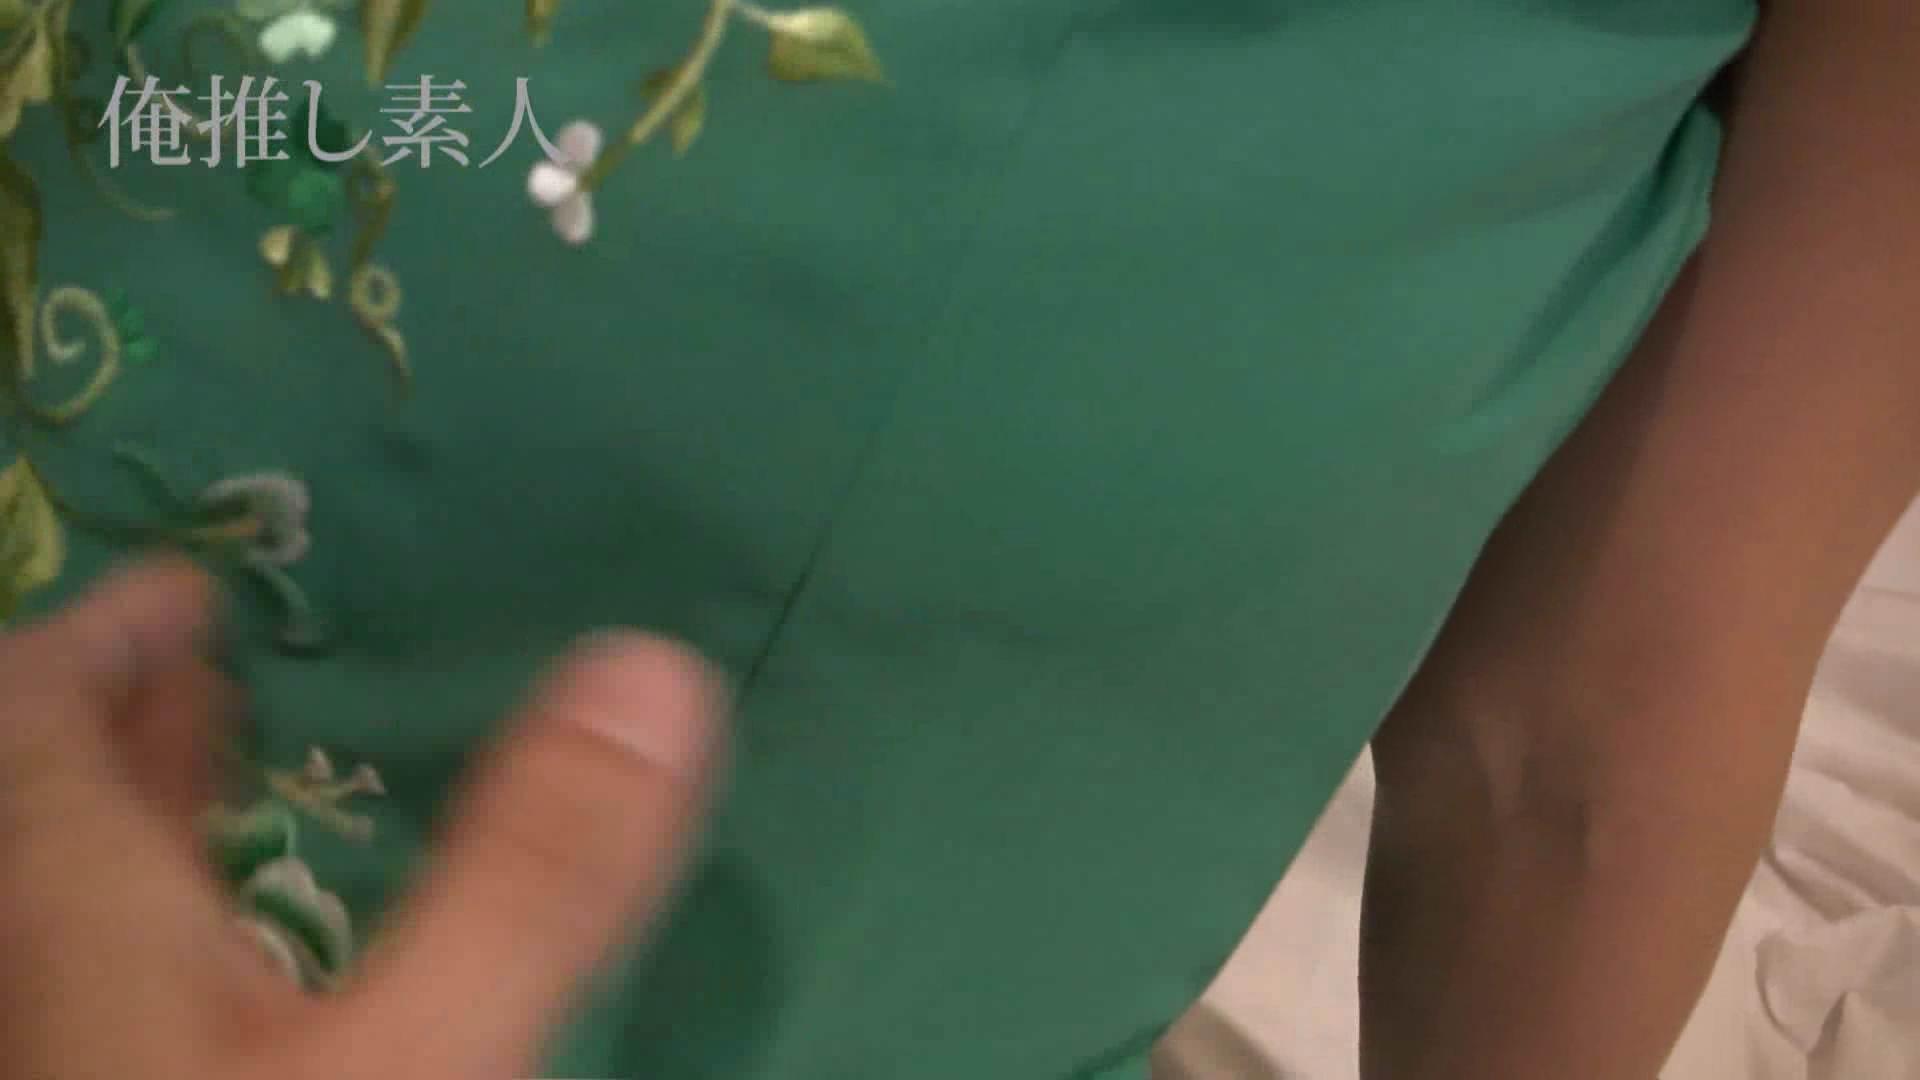 俺推し素人 Gカップ人妻キャバ嬢 雫 巨乳   投稿  61pic 1